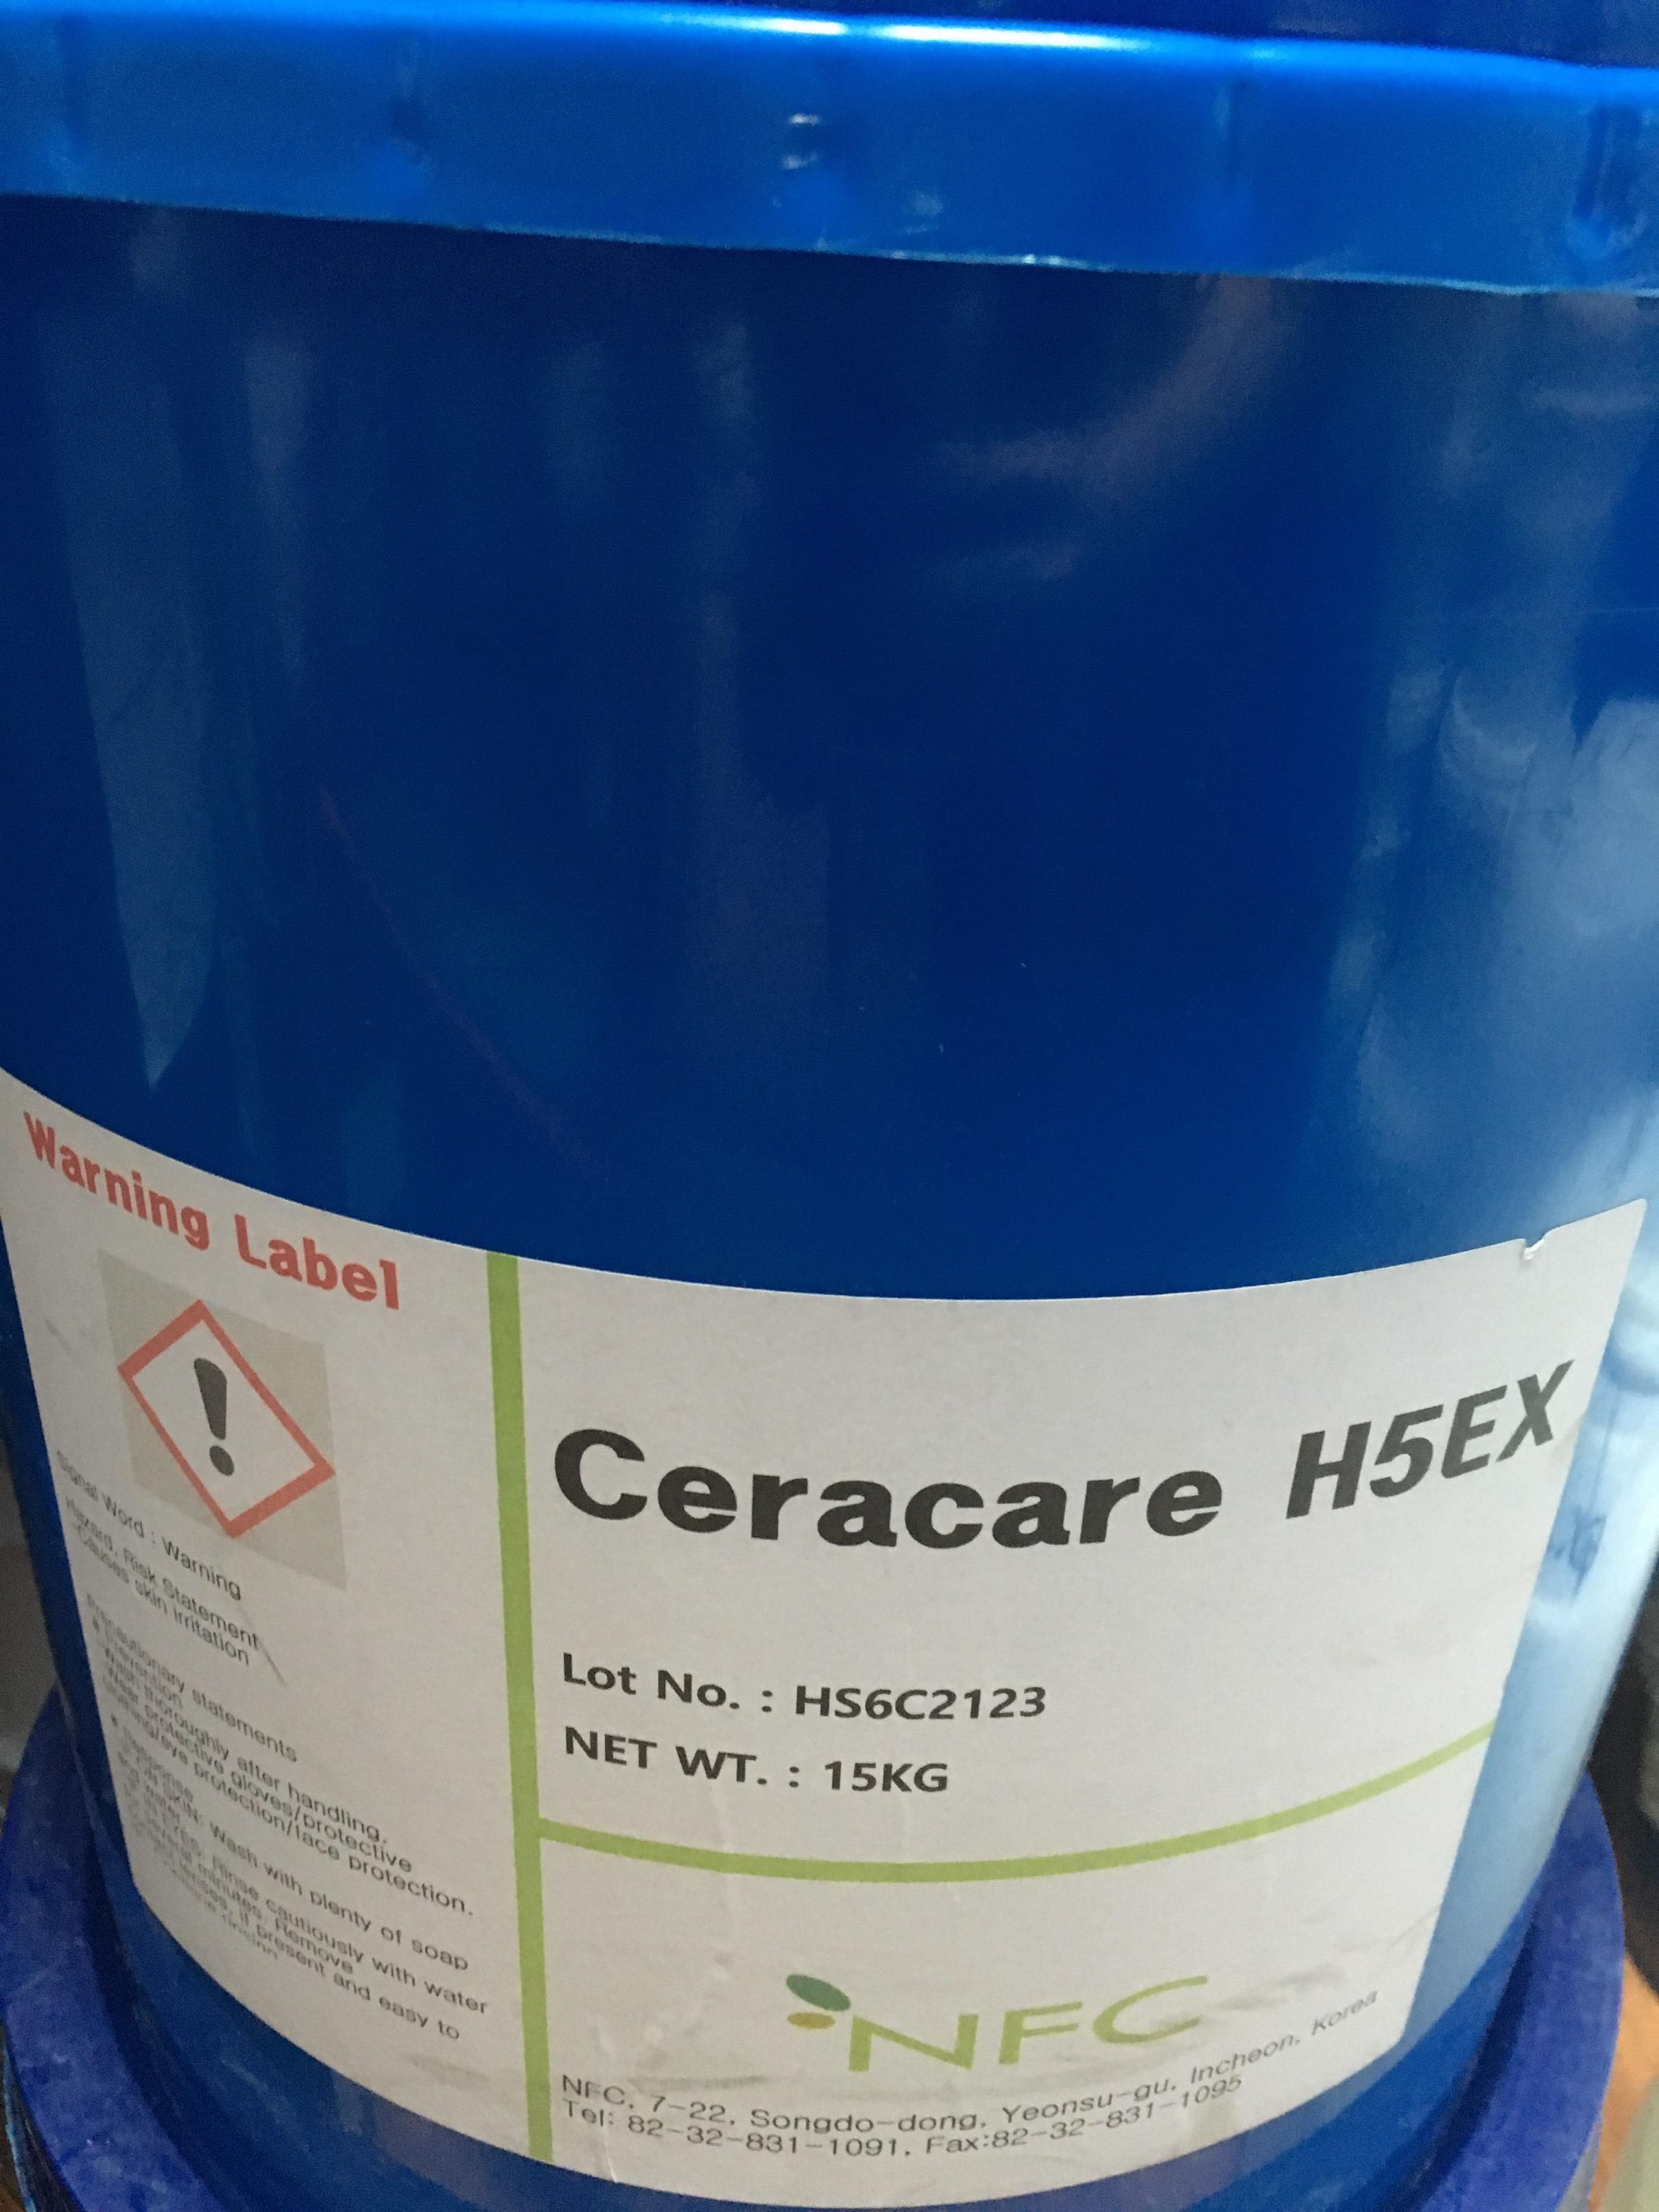 Ceracare H5